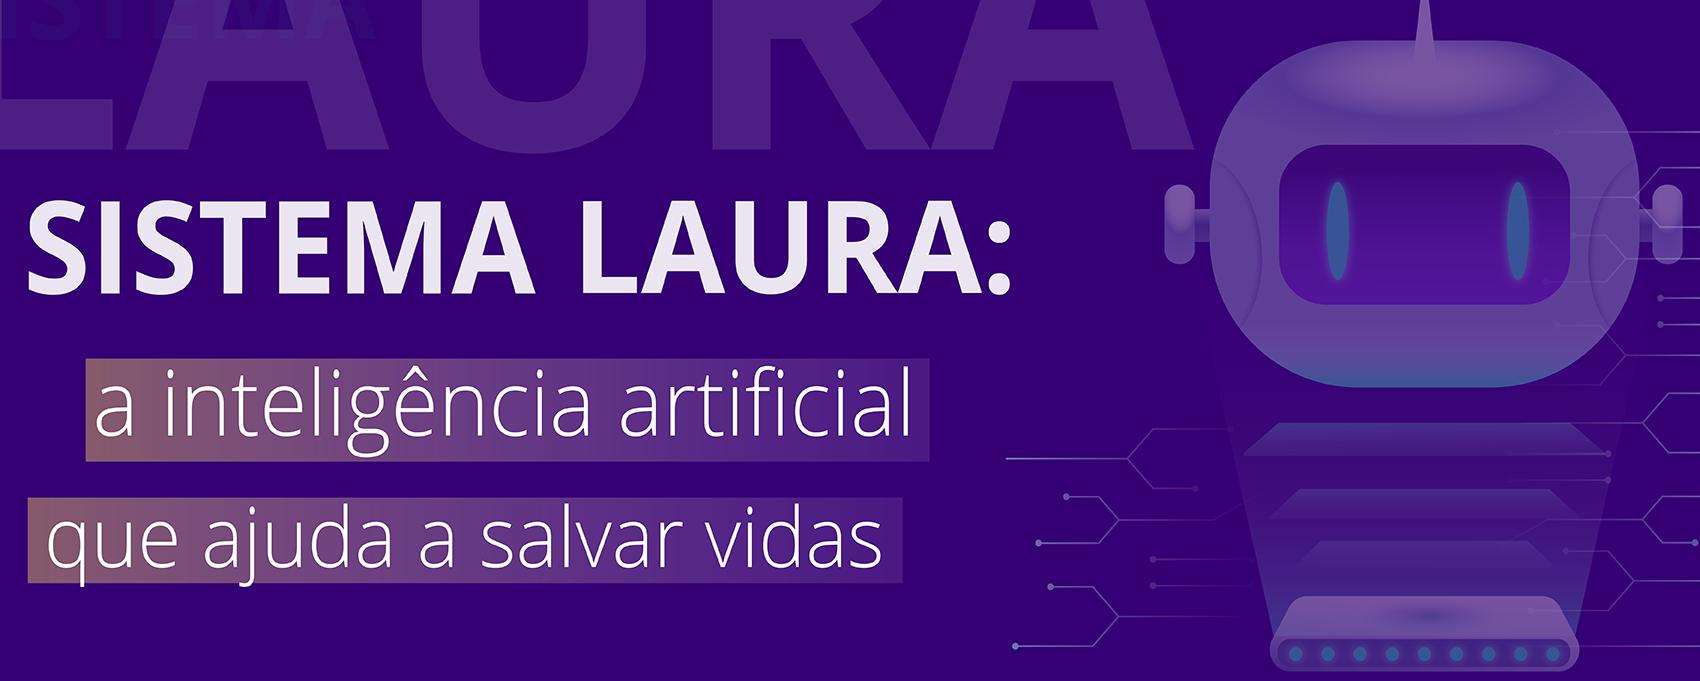 Sistema Laura: a inteligência artificial brasileira que ajuda a salvar vidas